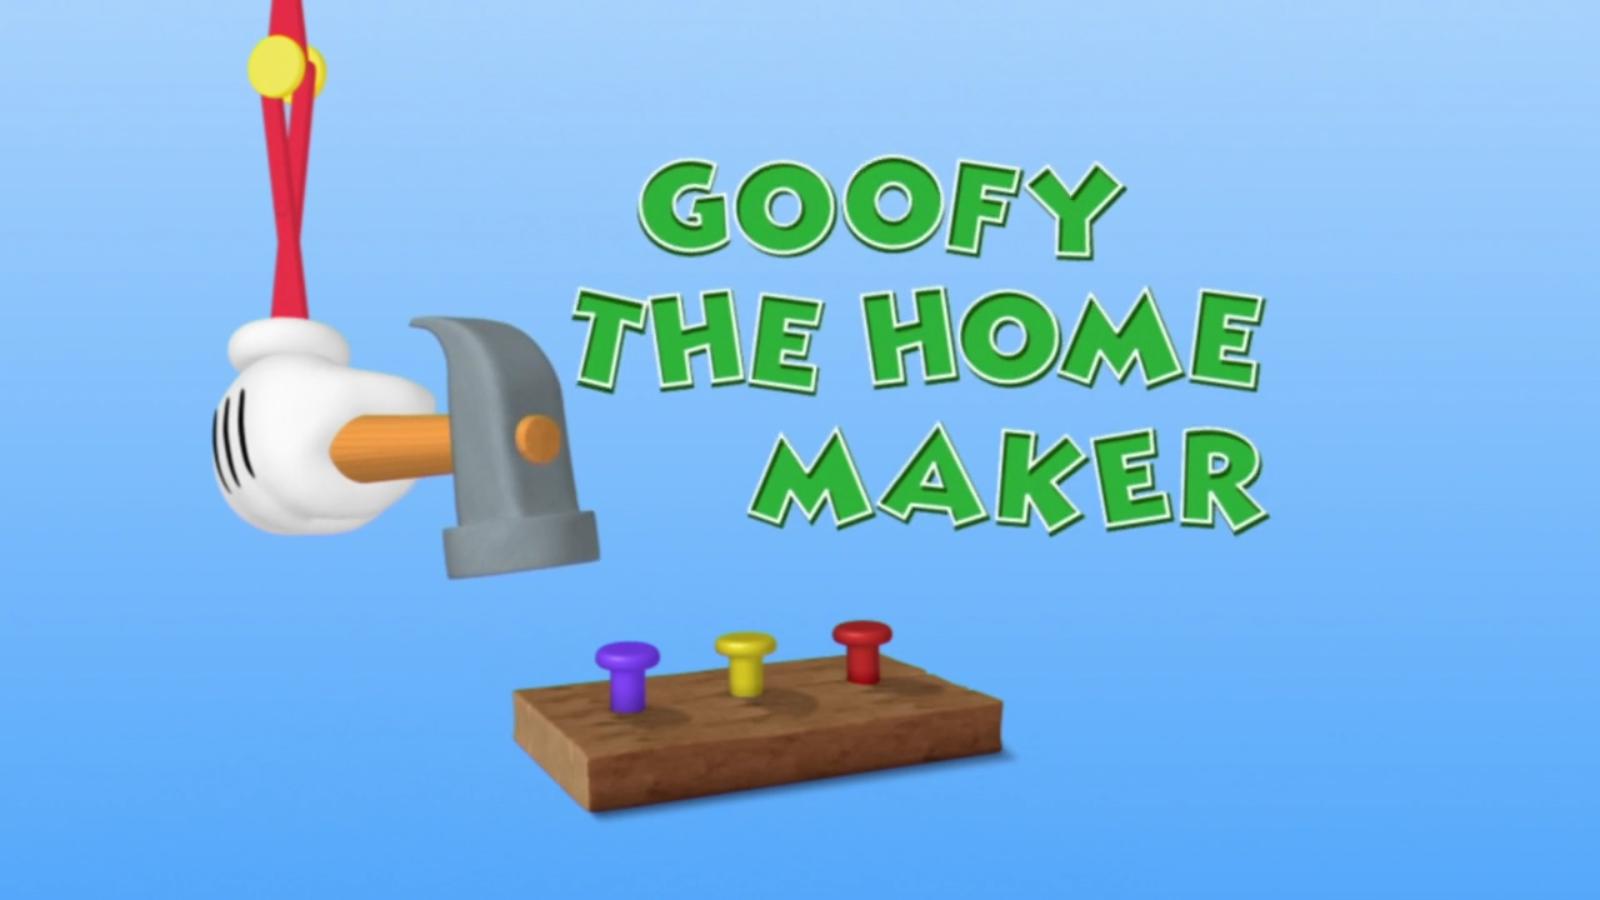 Goofy the Homemaker